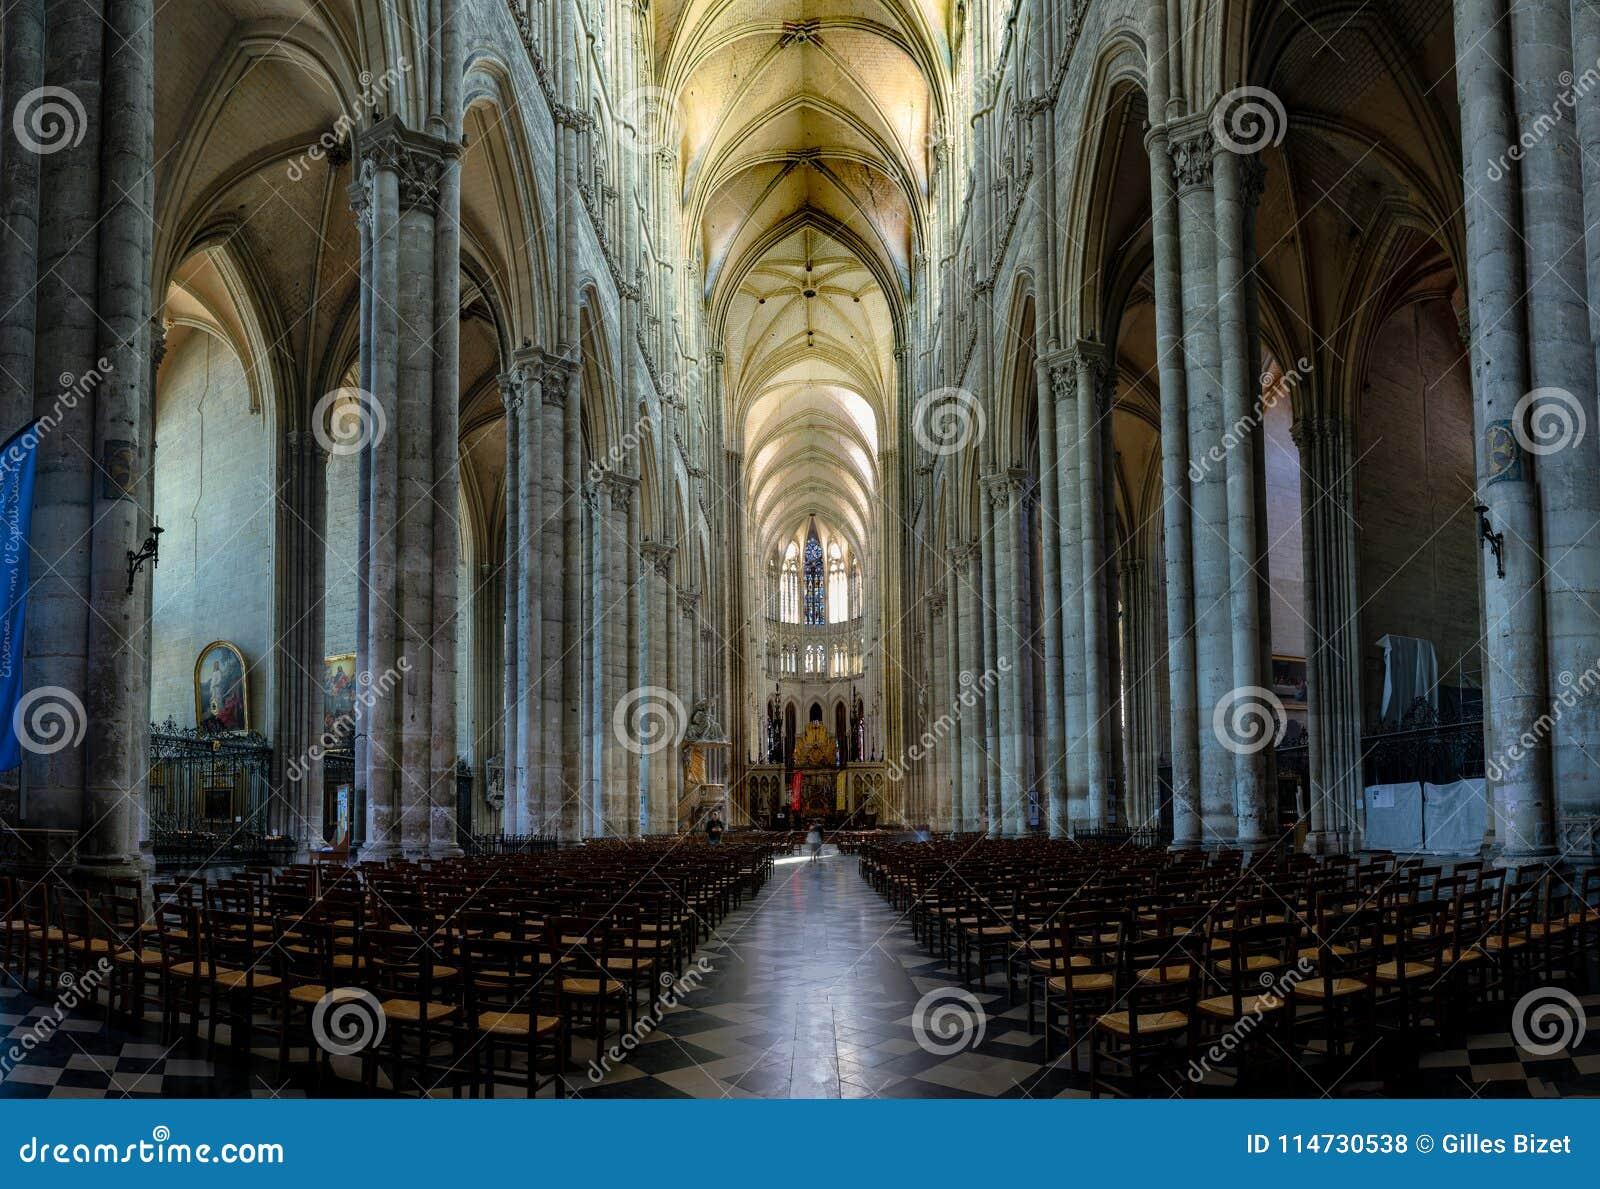 Innenraum und Detail von Amiens-Kathedrale in Frankreich